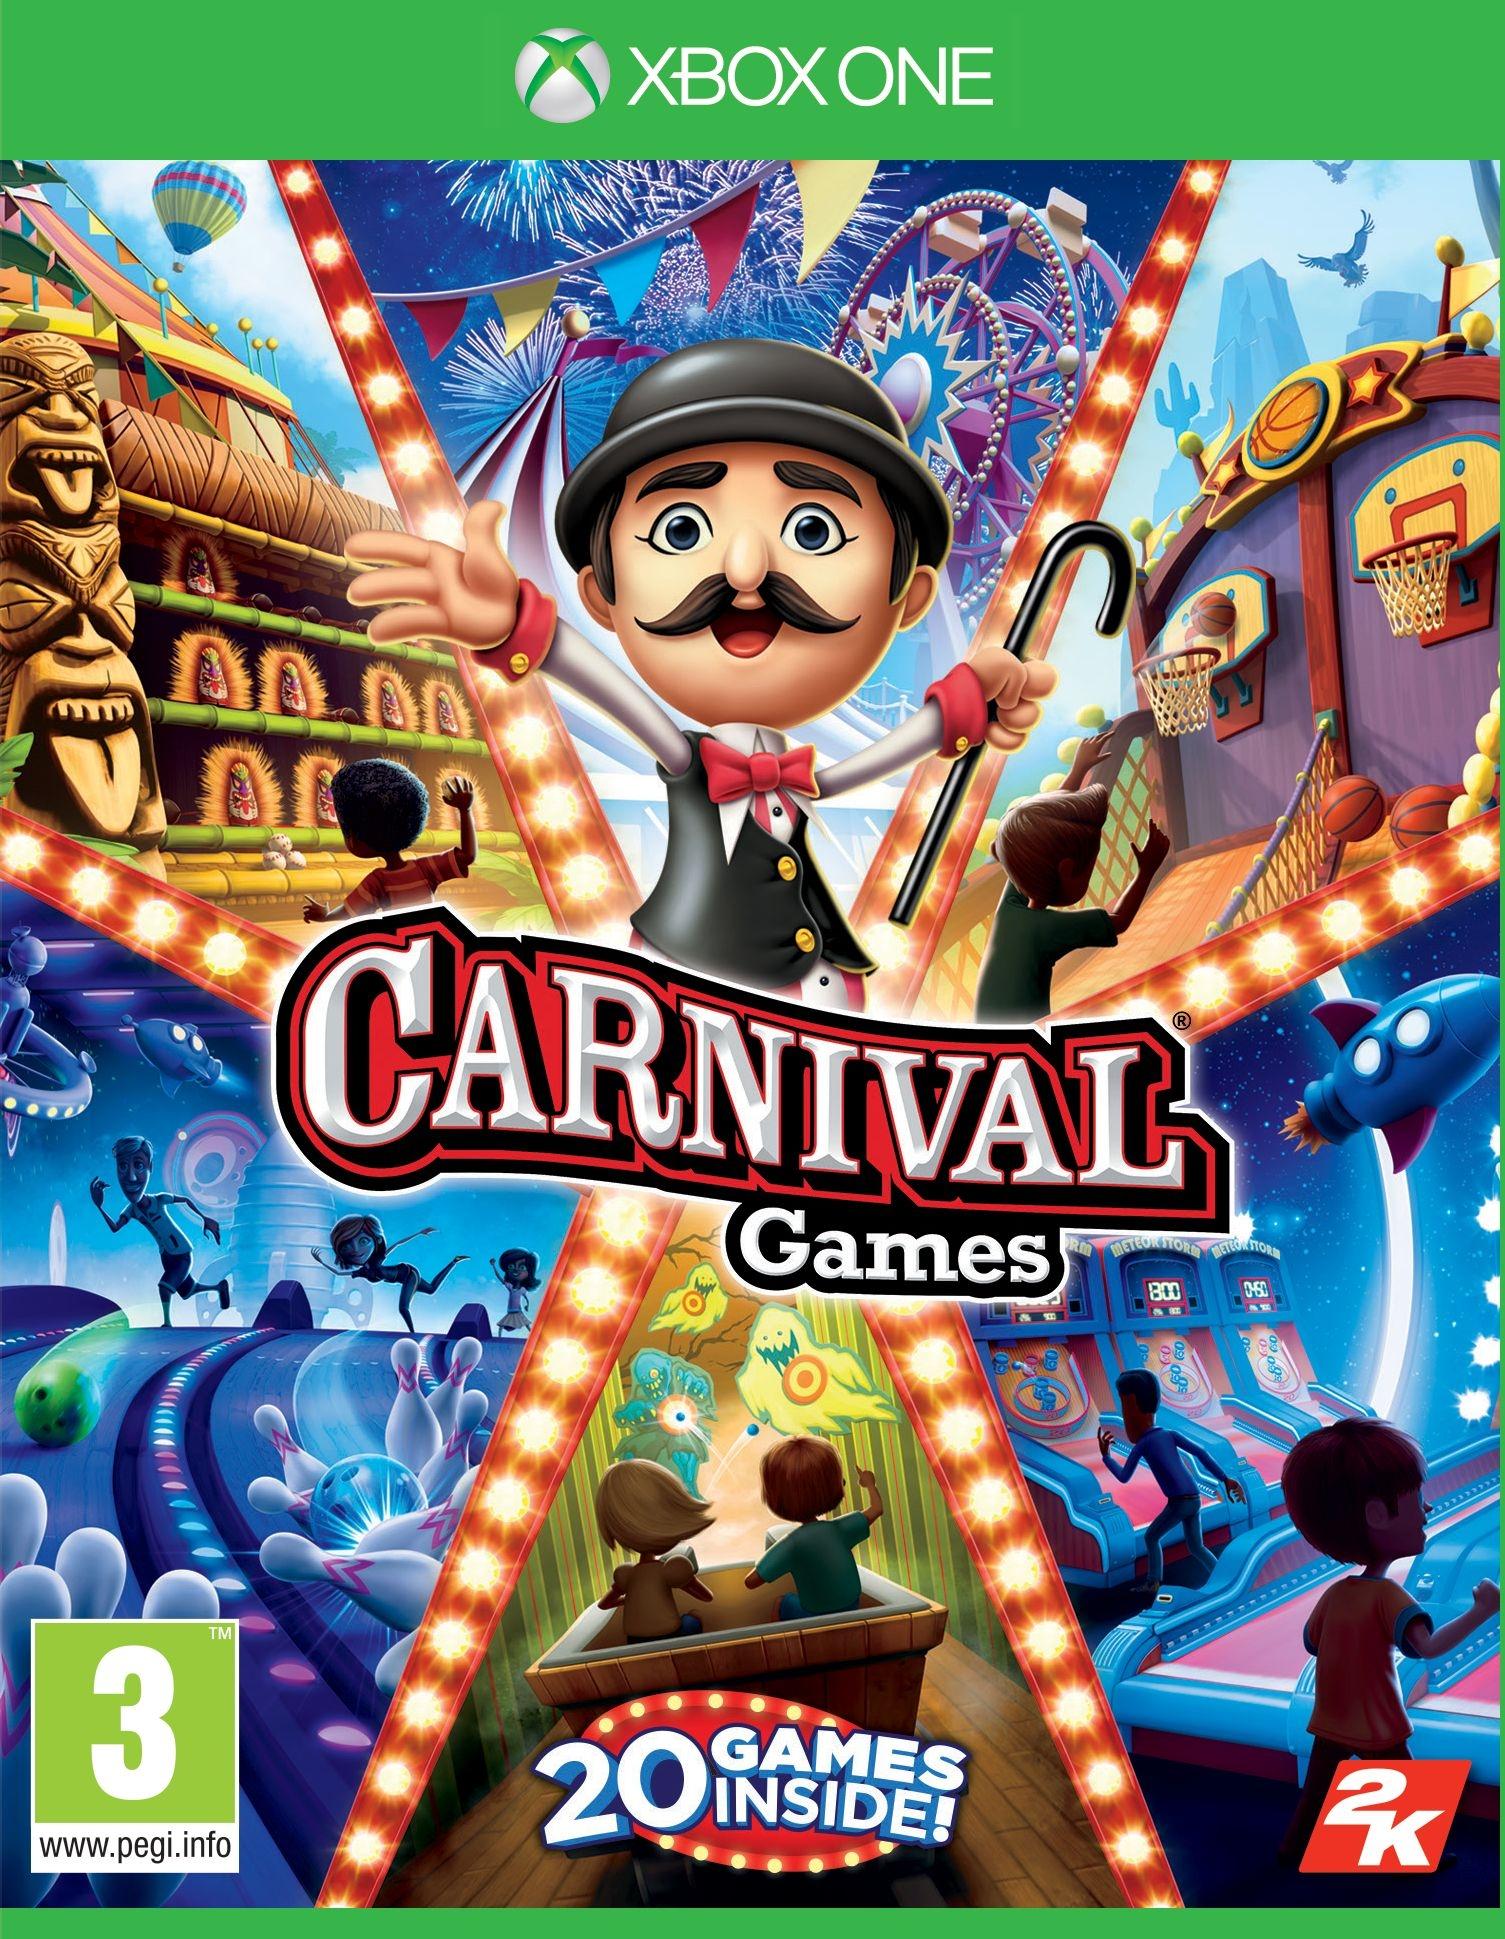 XBOXOne Carnival Games